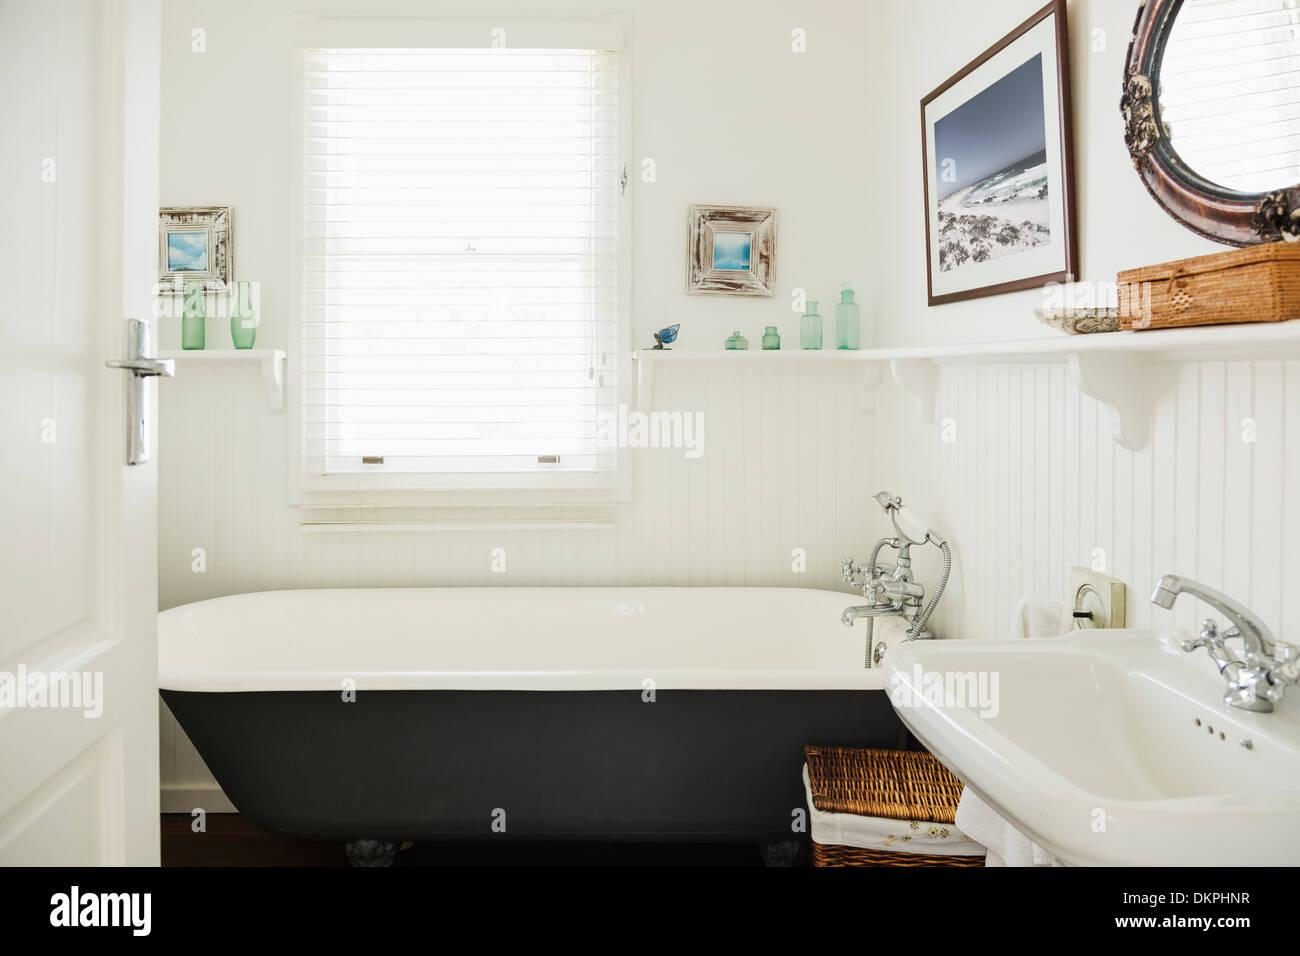 Claw foot bathtub in ornate bathroom - Stock Image